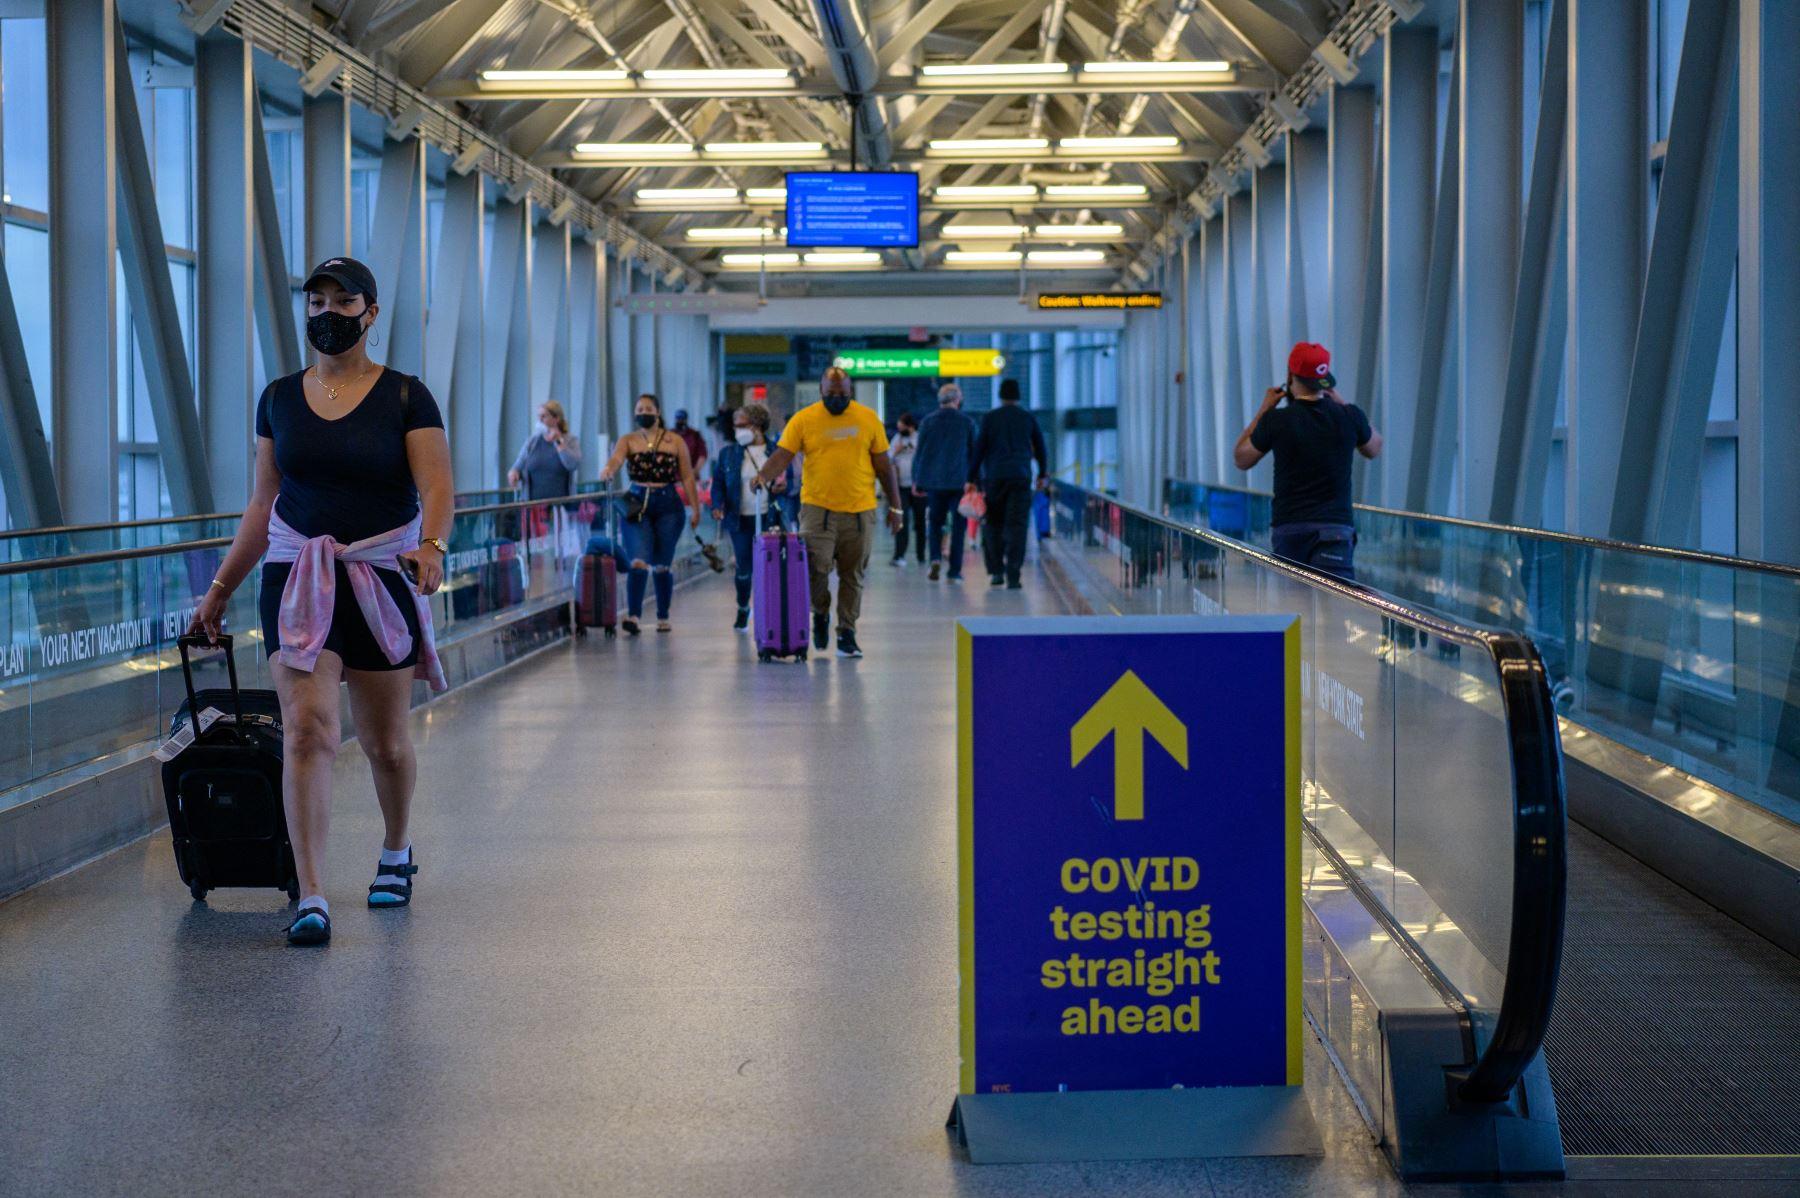 Estados Unidos ha restringido los viajes desde la UE, Gran Bretaña, China e Irán desde hace más de un año debido a la pandemia, y luego agregó otros países, incluidos Brasil e India. Foto: AFP